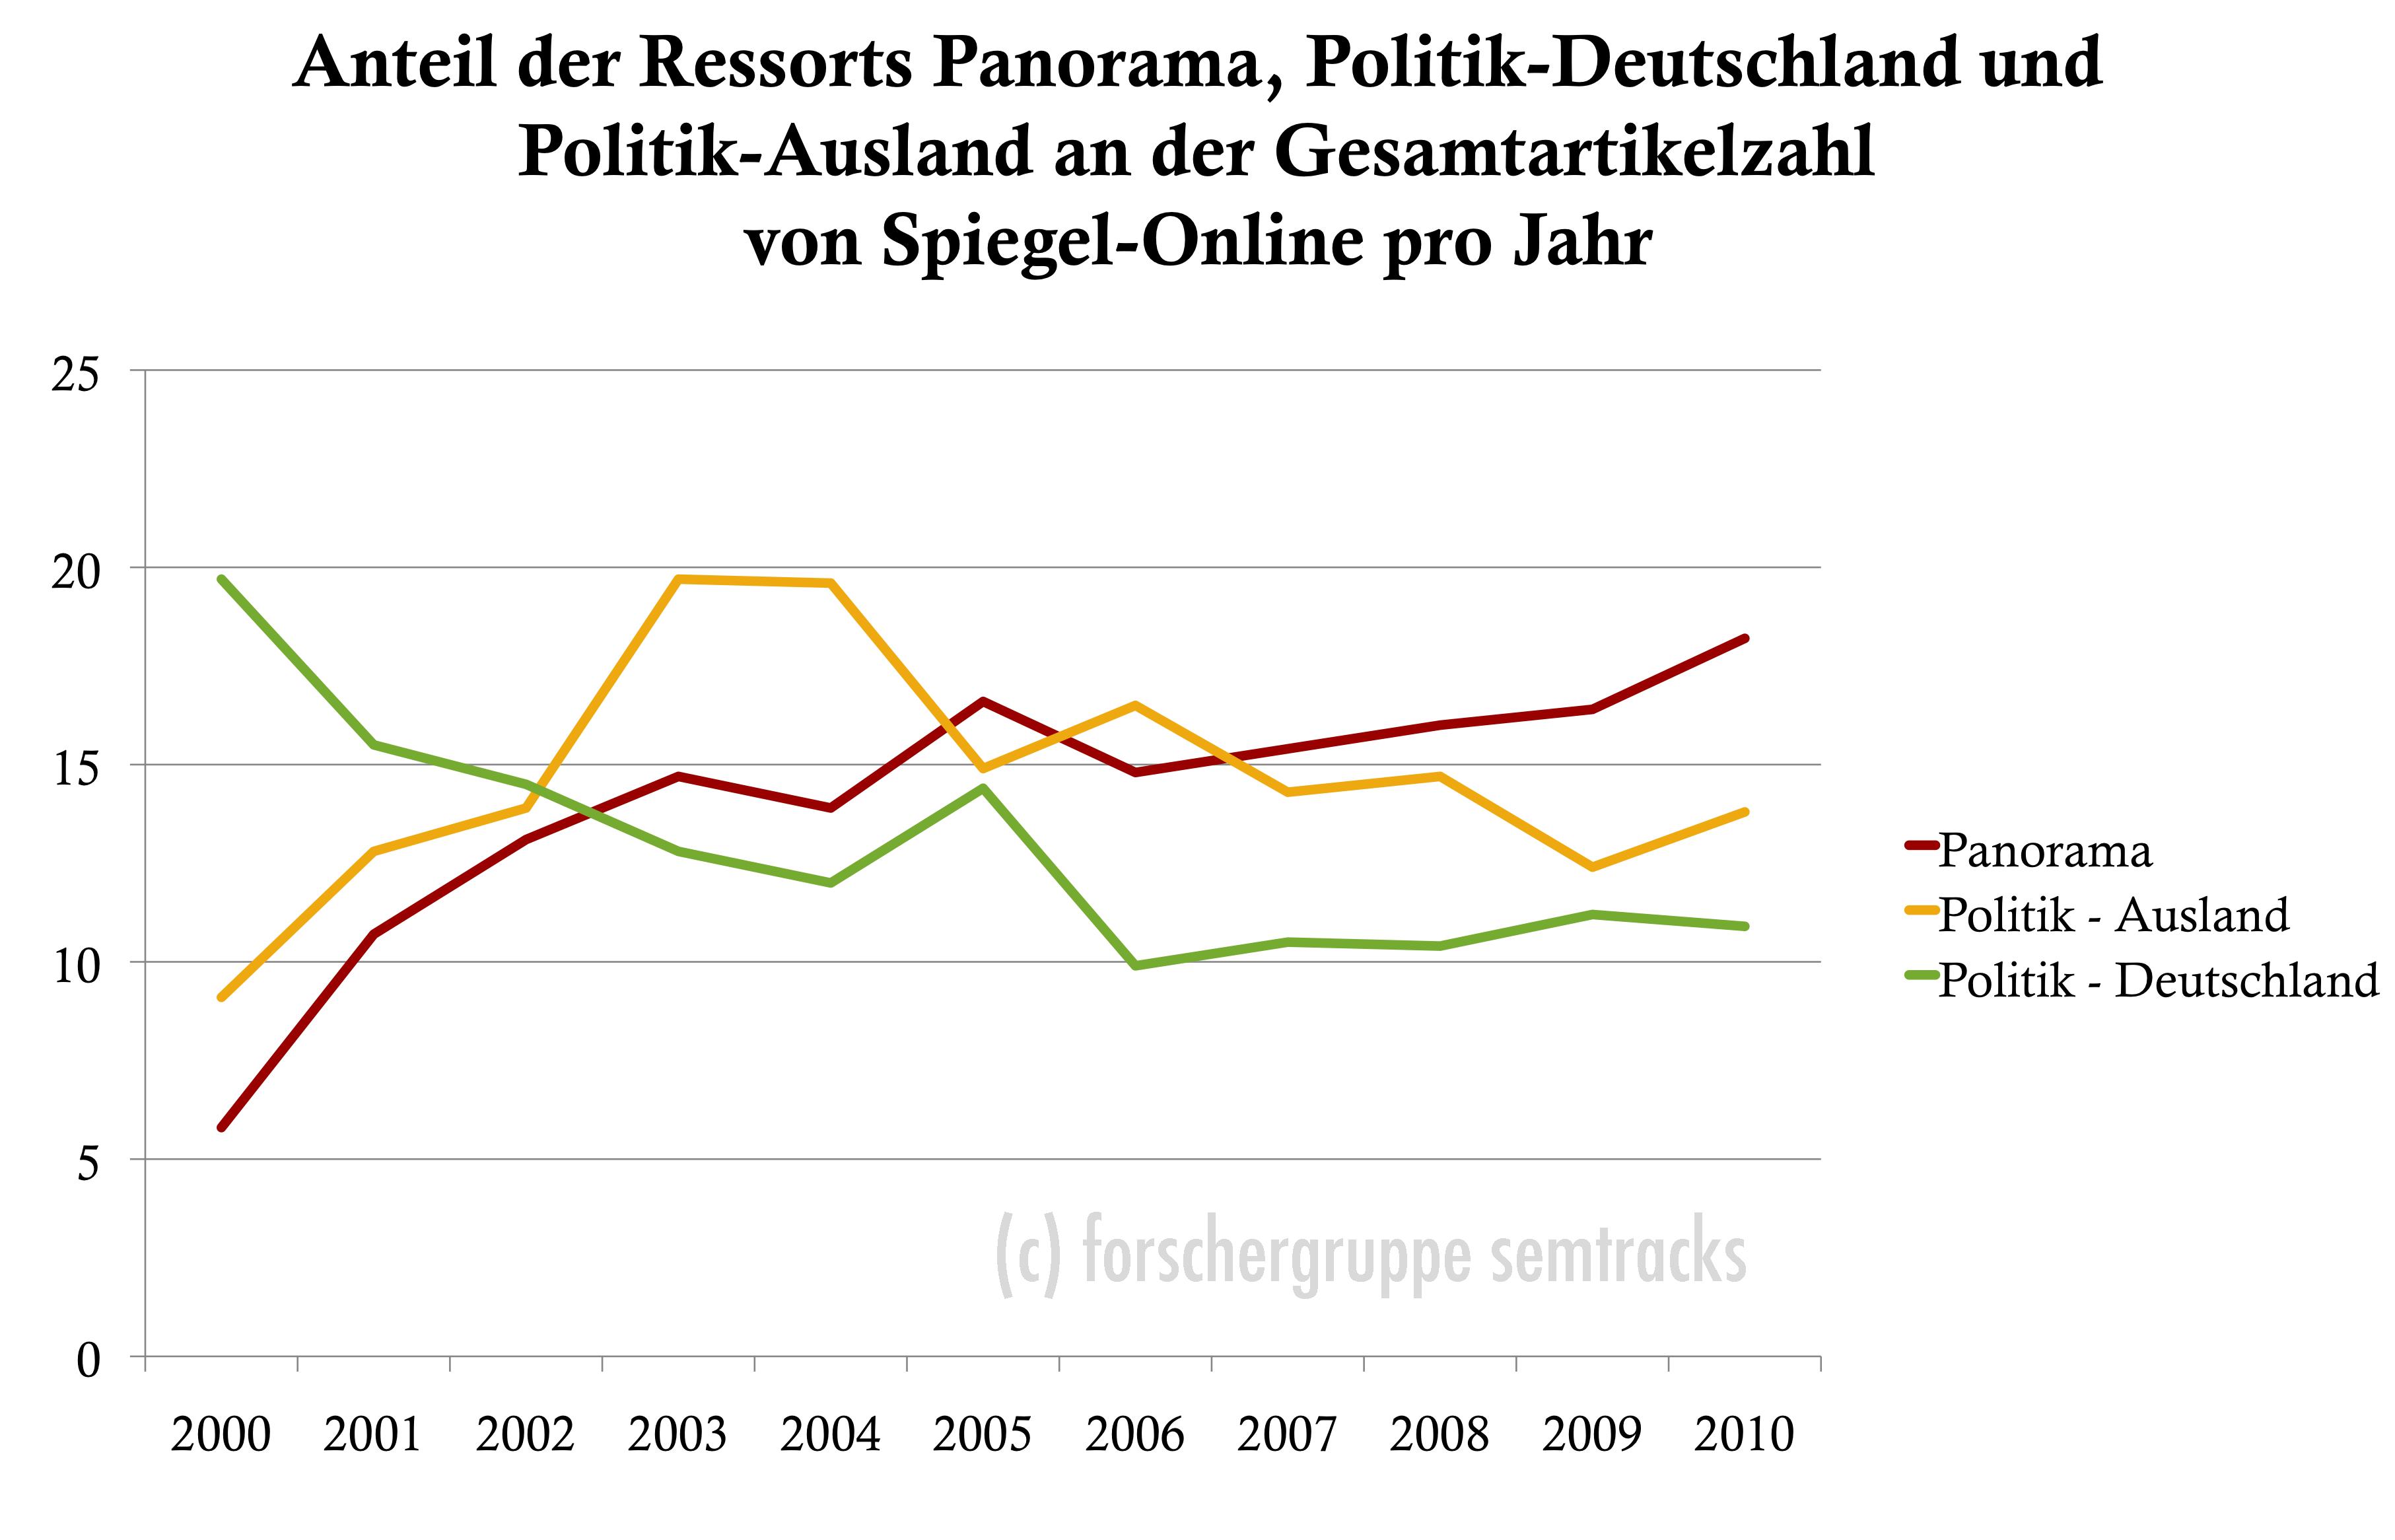 Spiegel Online: Anzahl Artikel Panorama und Politik im Vergleich